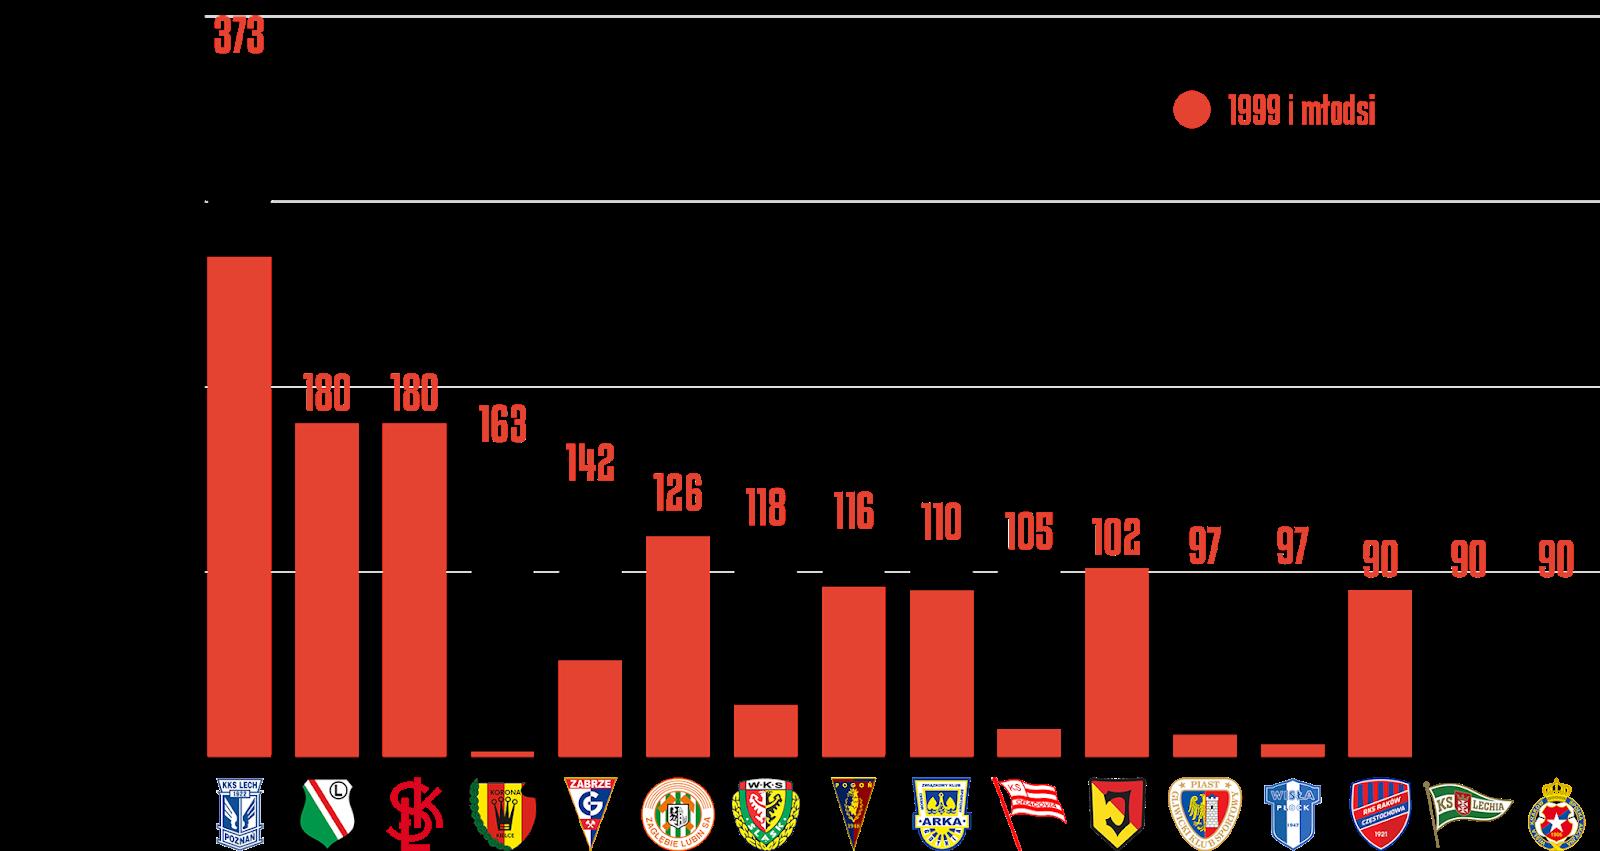 Klasyfikacja klubów pod względem rozegranych minut przez młodzieżowców w30.kolejce PKO Ekstraklasy<br><br>Źródło: Opracowanie własne na podstawie ekstrastats.pl<br><br>graf. Bartosz Urban